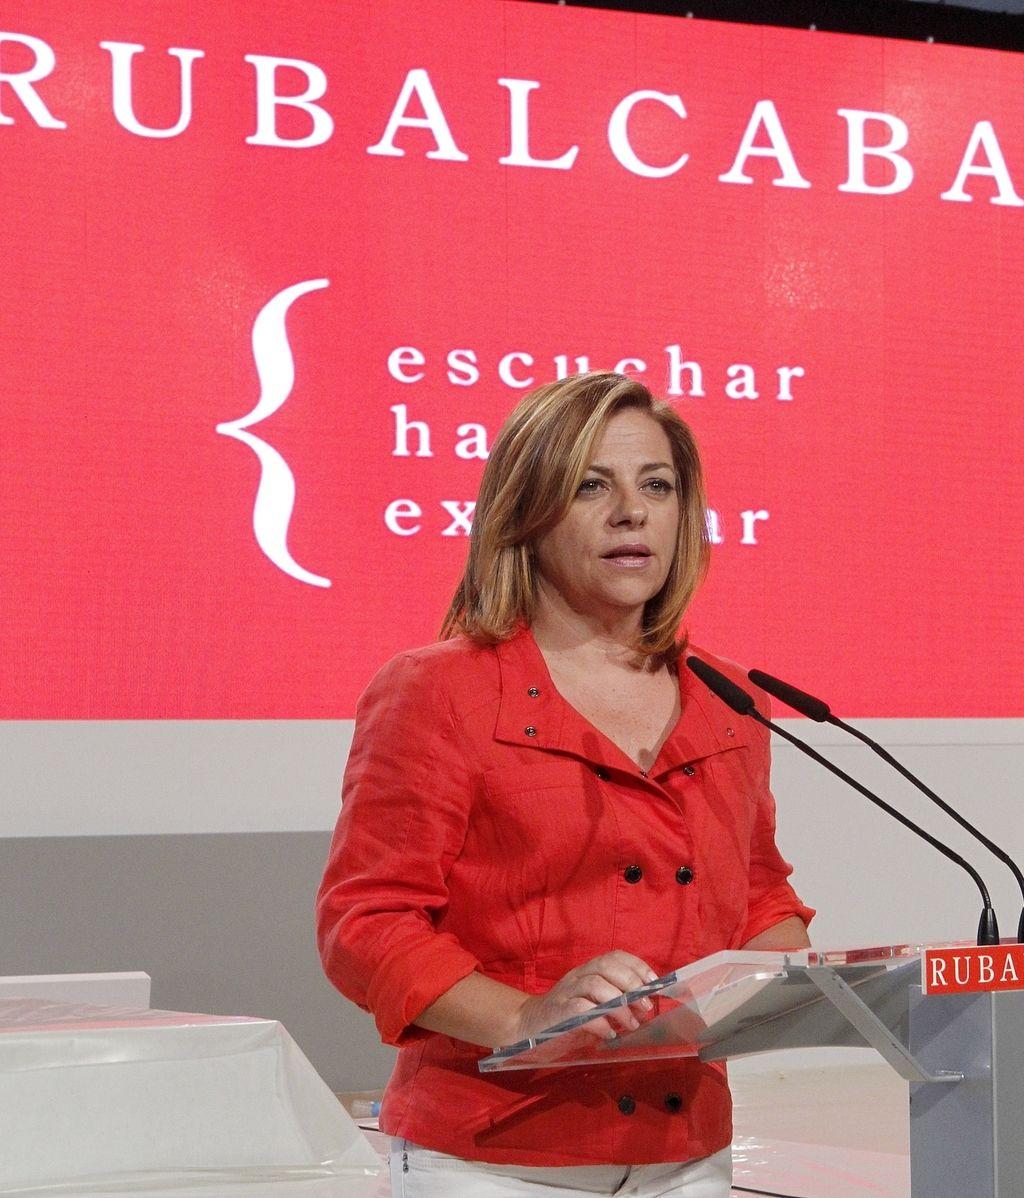 Valenciano confía en las posibilidades de Rubalcaba. EFE